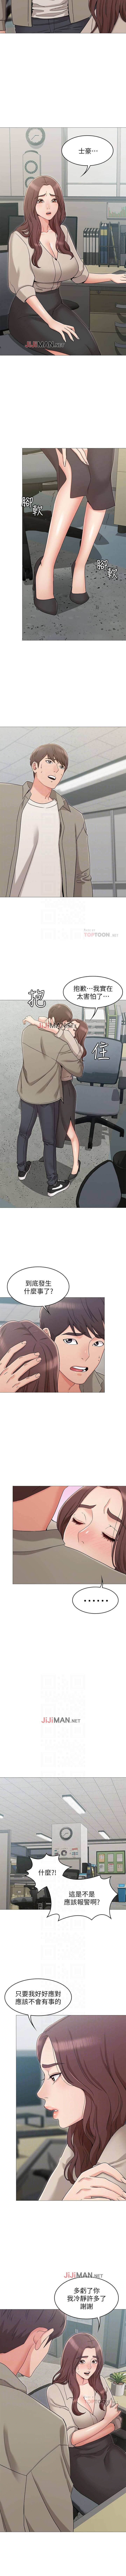 【周六连载】女友的姐姐(作者:橡果人&獵狗) 第1~23话 99